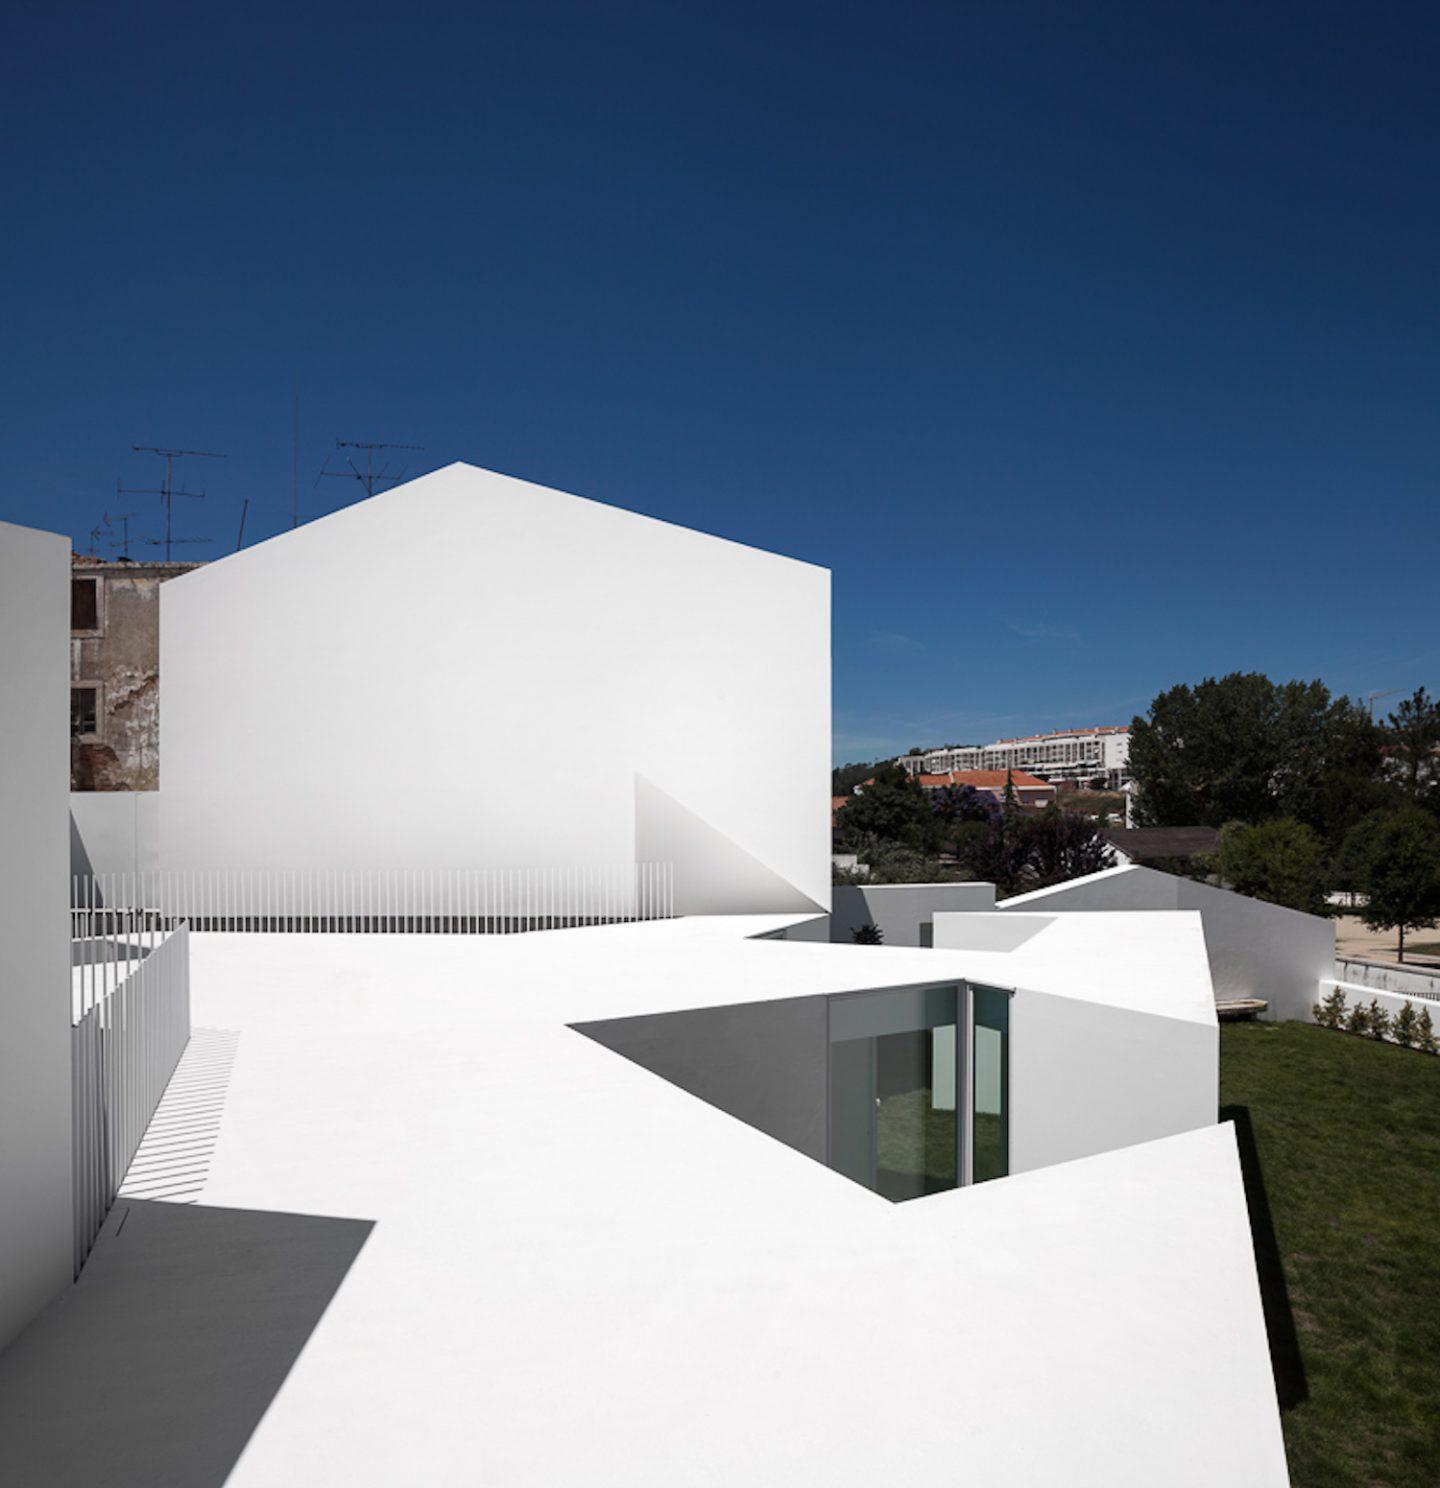 architecture_airesmateus_alcobaca_24